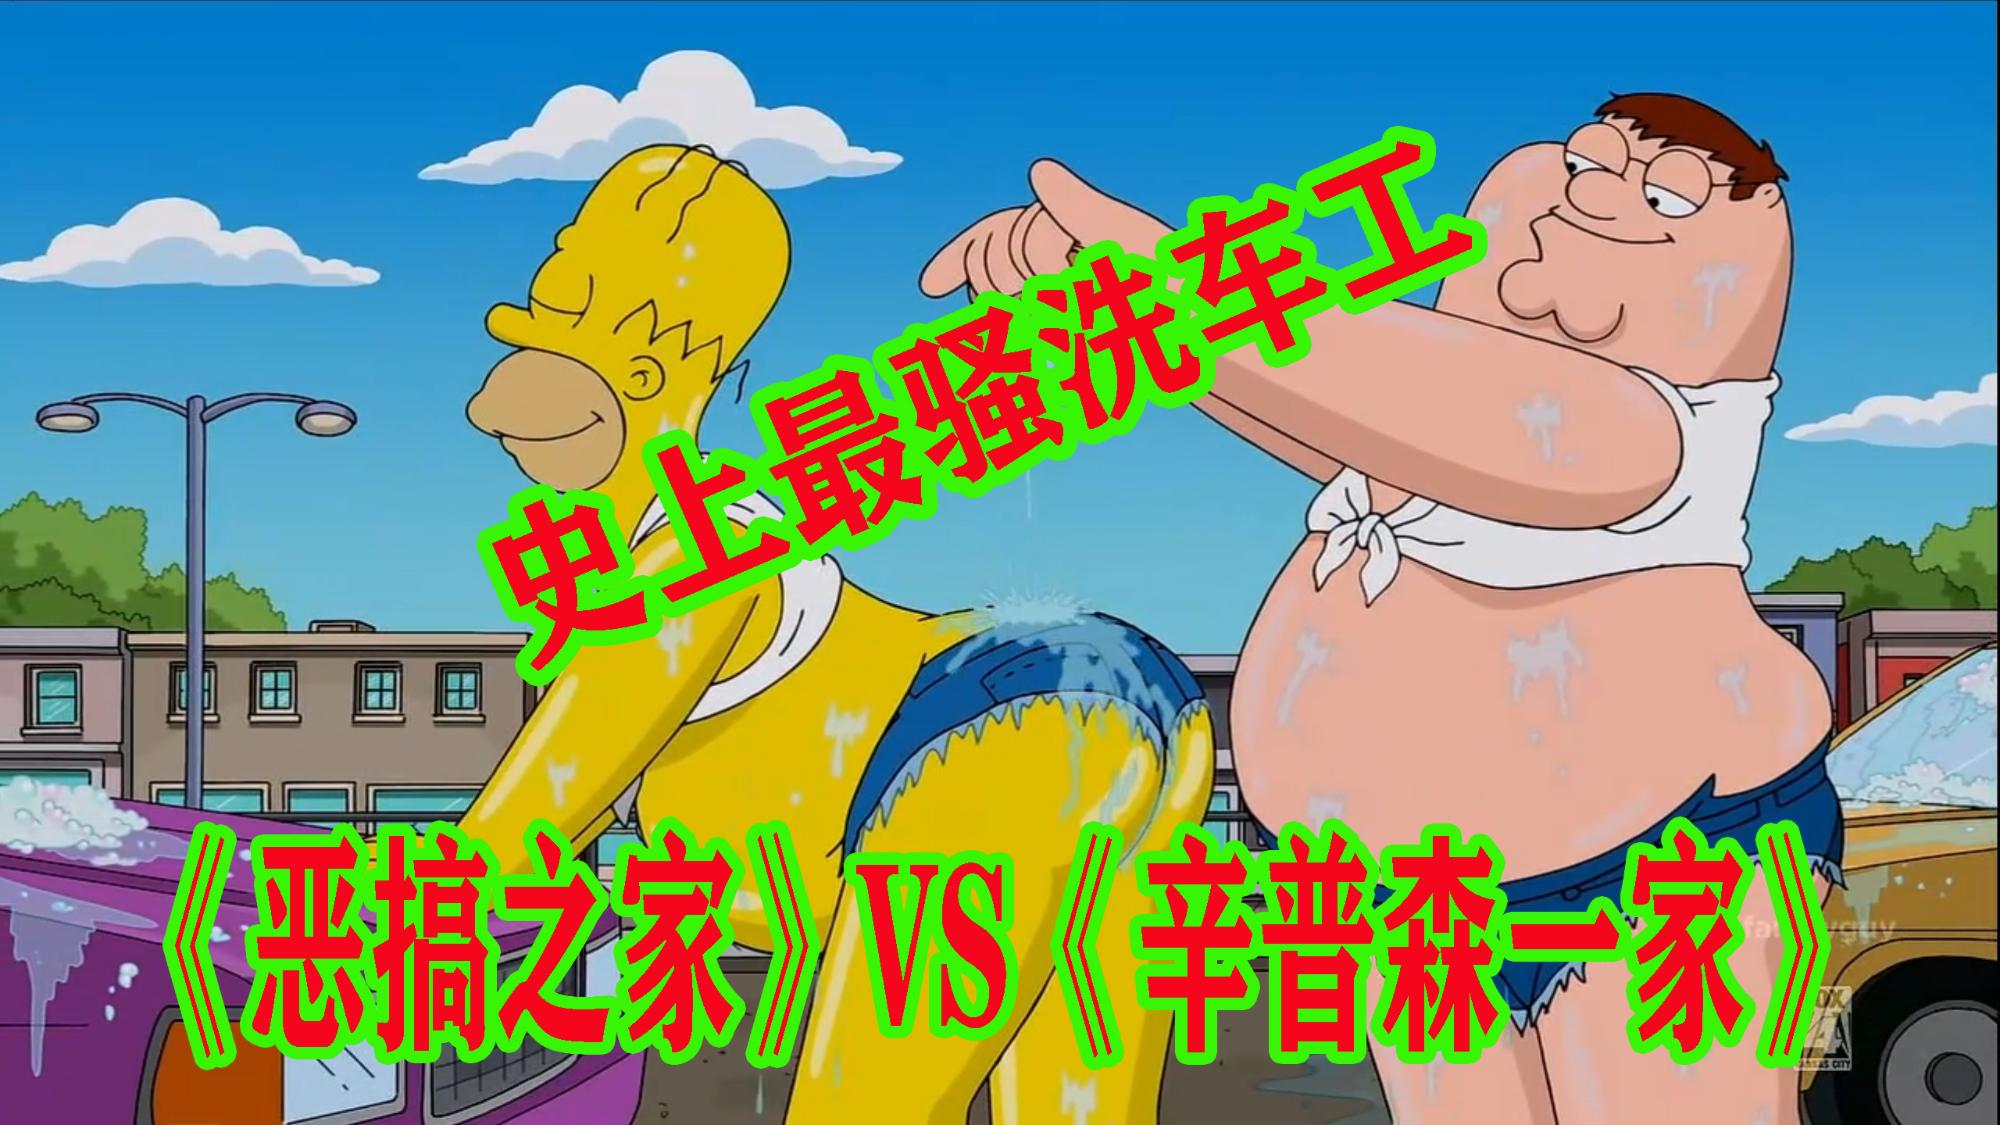 【毛豆】史上最骚洗车工,《恶搞之家》VS《辛普森一家》!